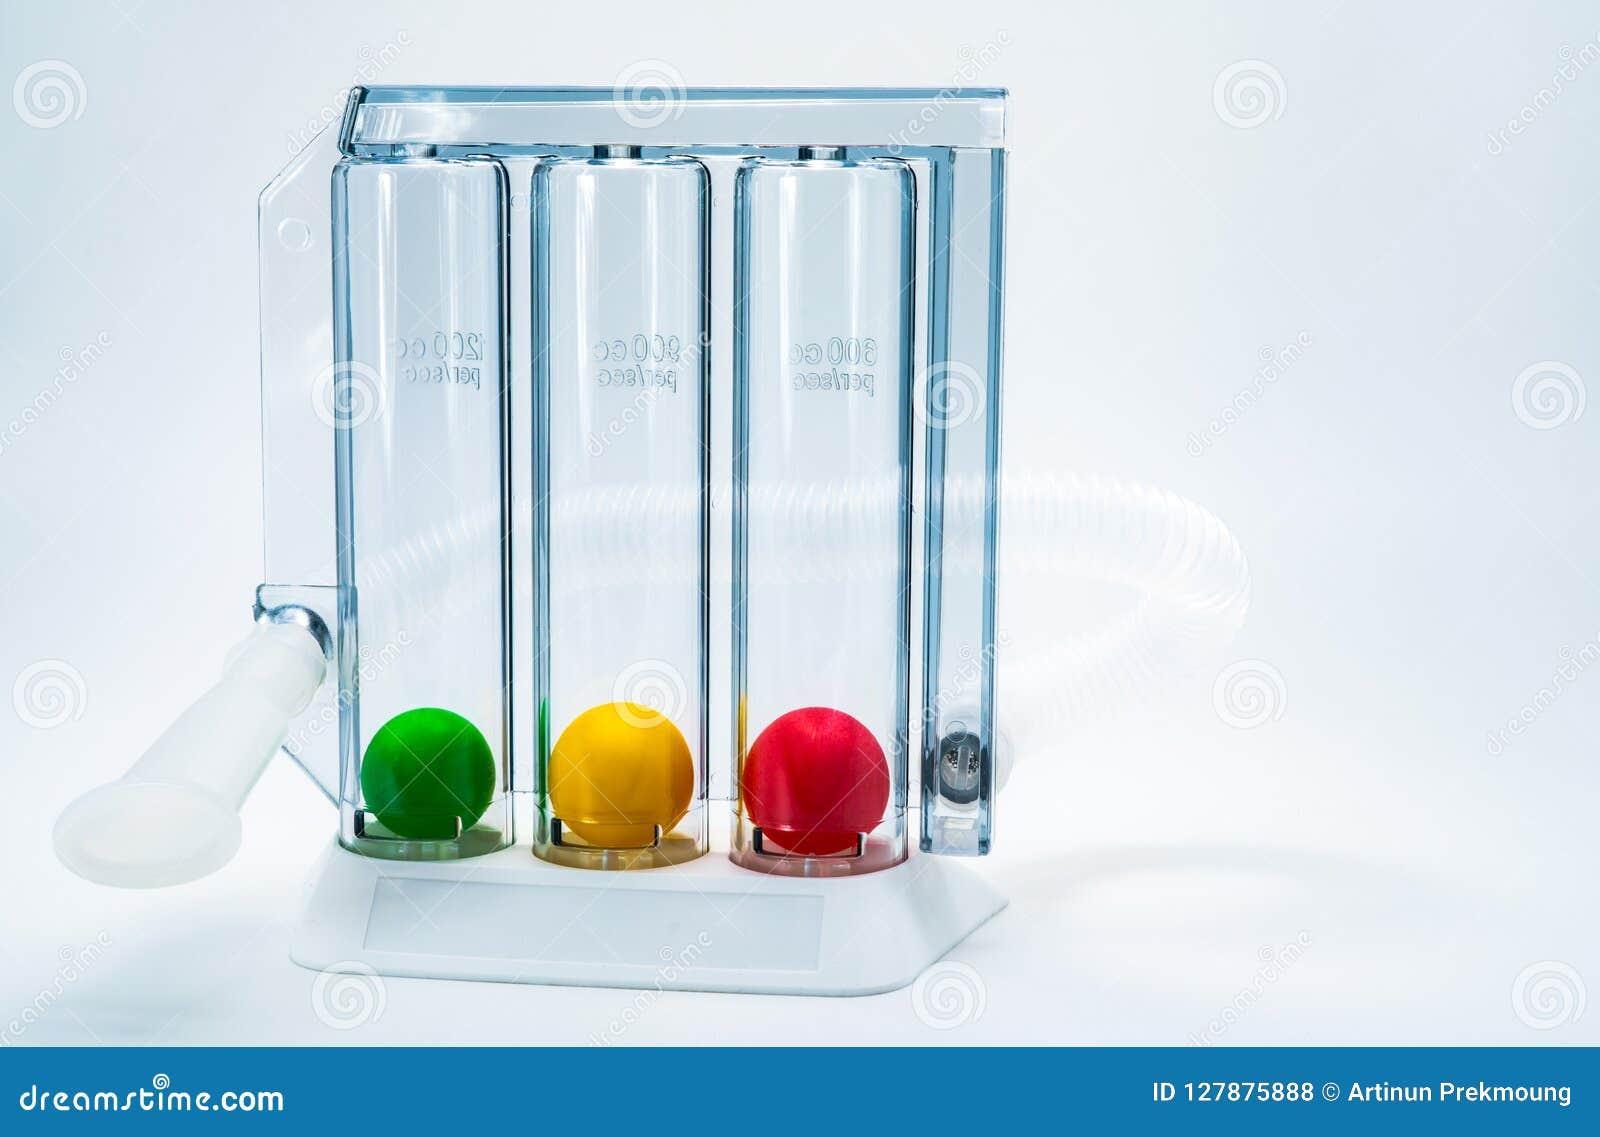 Apparat för att öva andning till och med djup inspirationtrippelkammare Medicinsk utrustning för respiratorisk terapi efter kirur